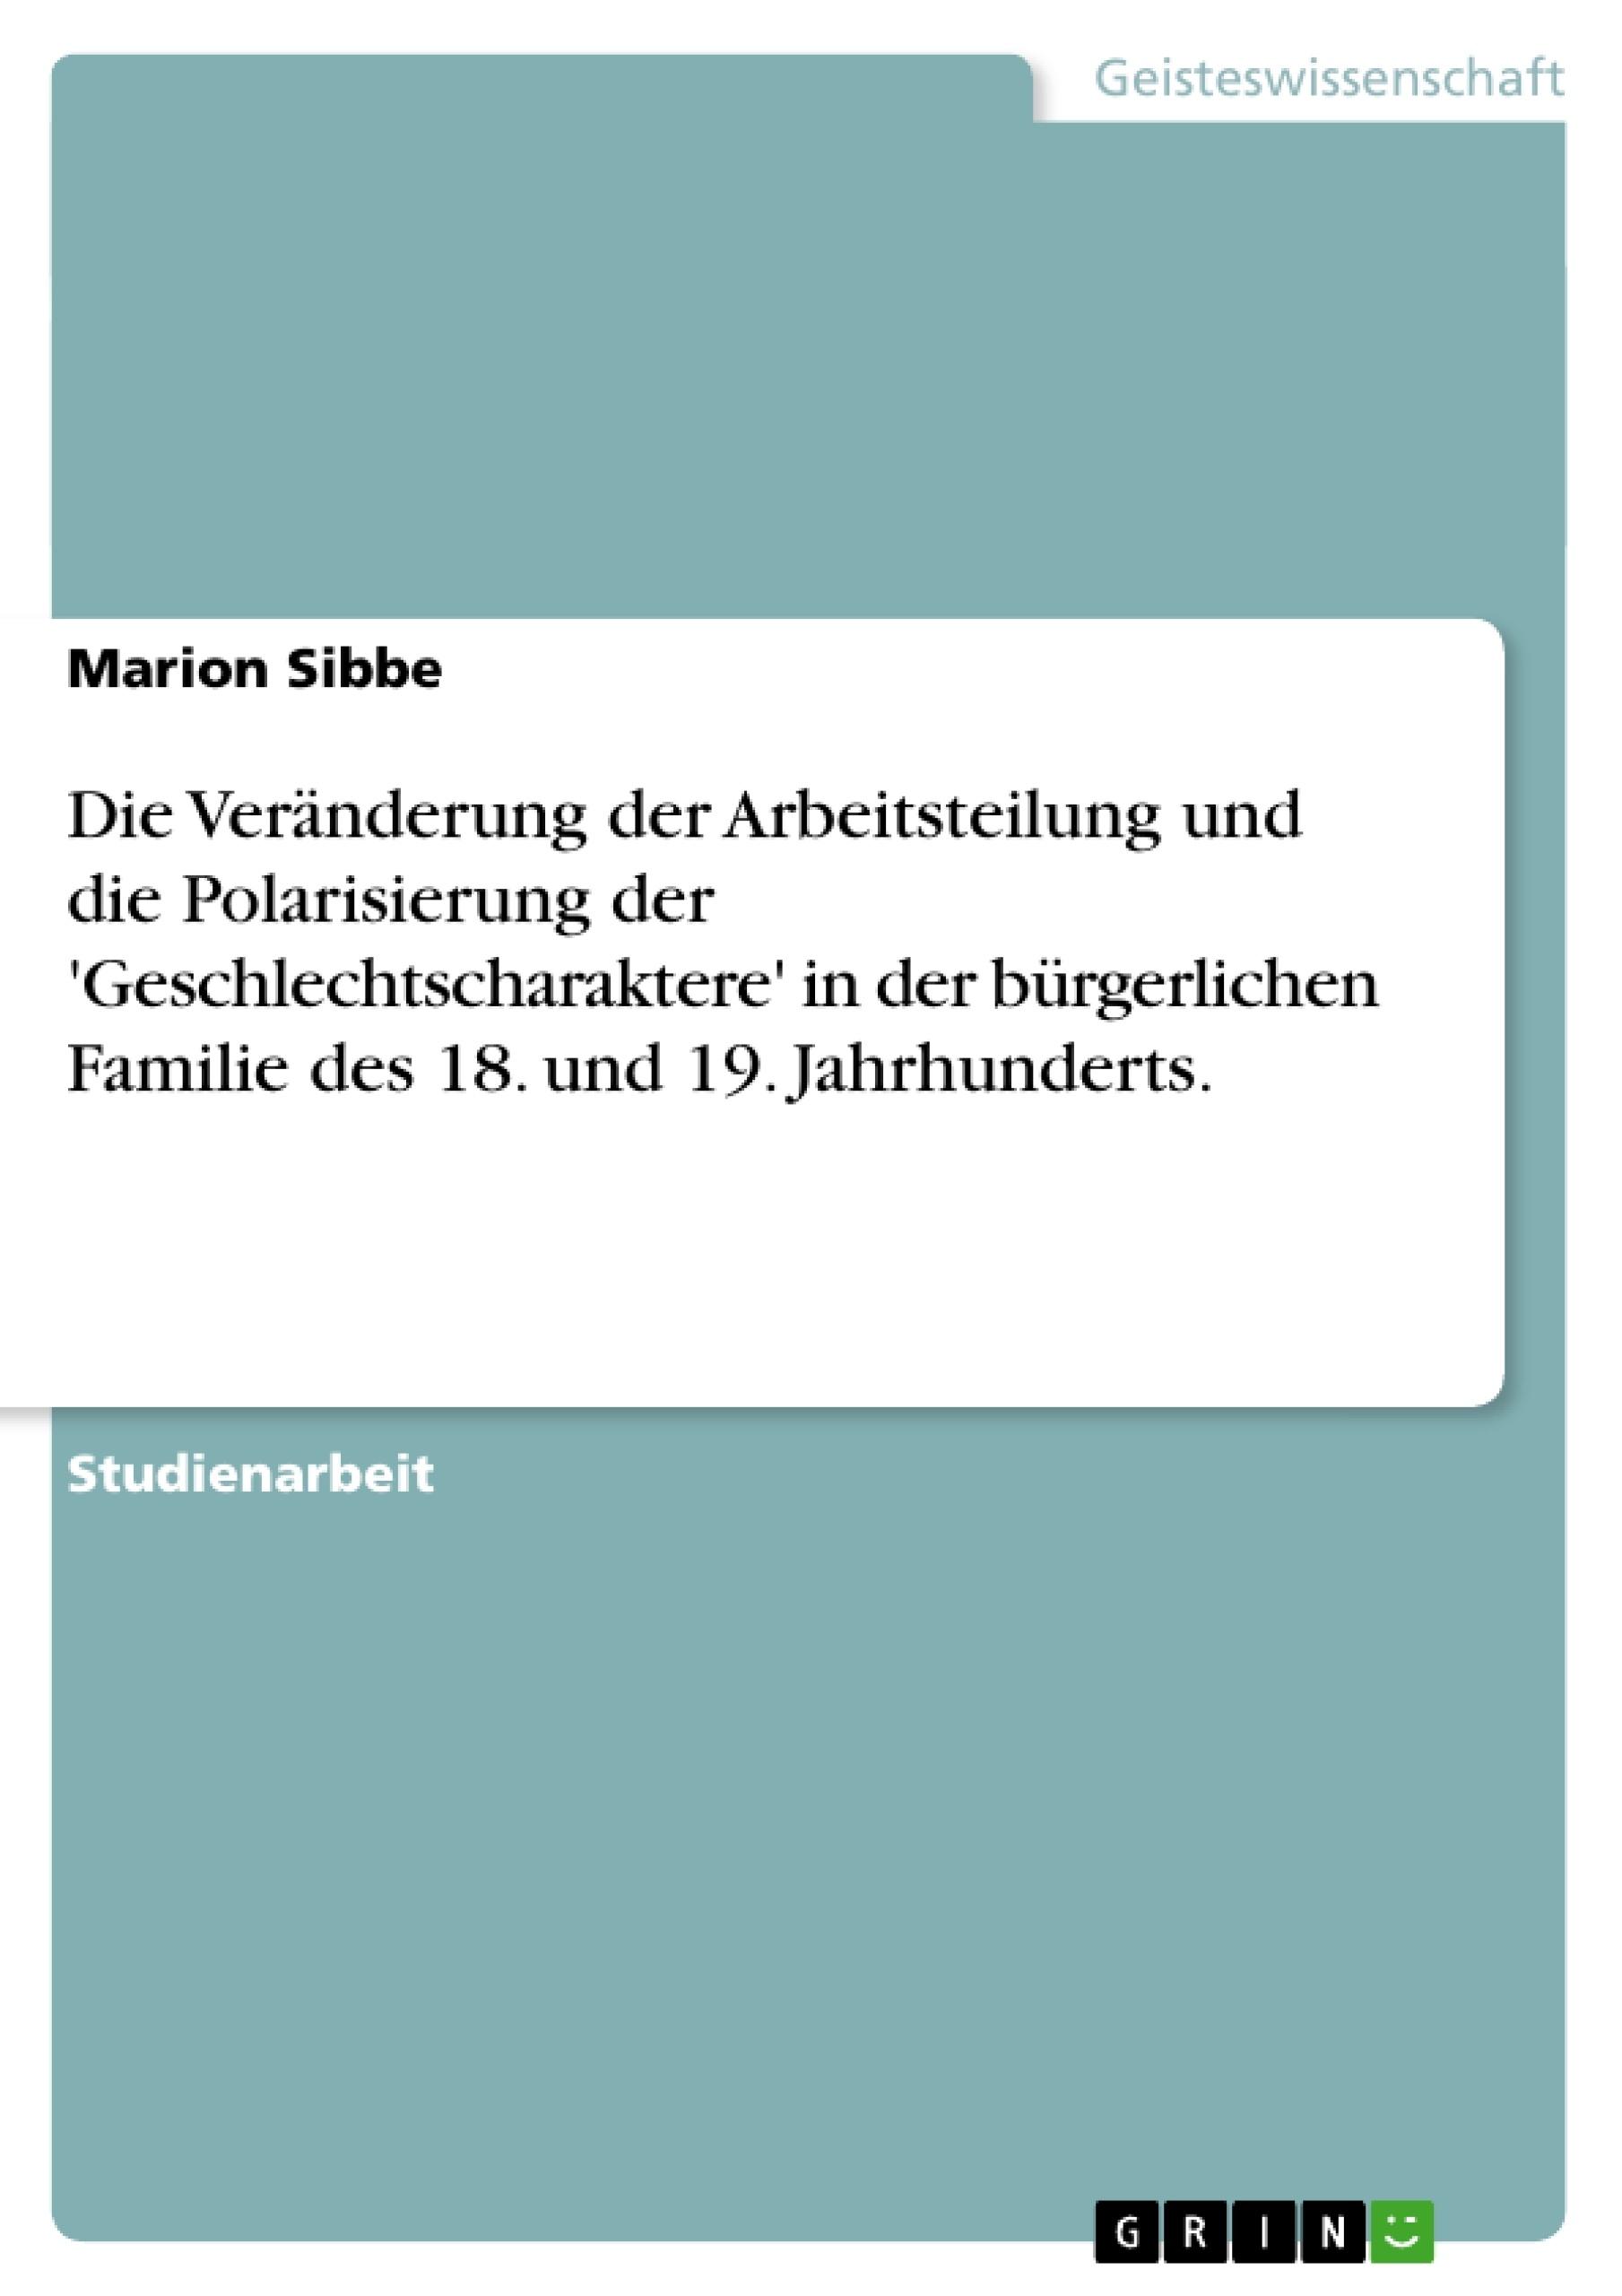 Titel: Die Veränderung der Arbeitsteilung und die Polarisierung der 'Geschlechtscharaktere' in der bürgerlichen Familie des 18. und 19. Jahrhunderts.